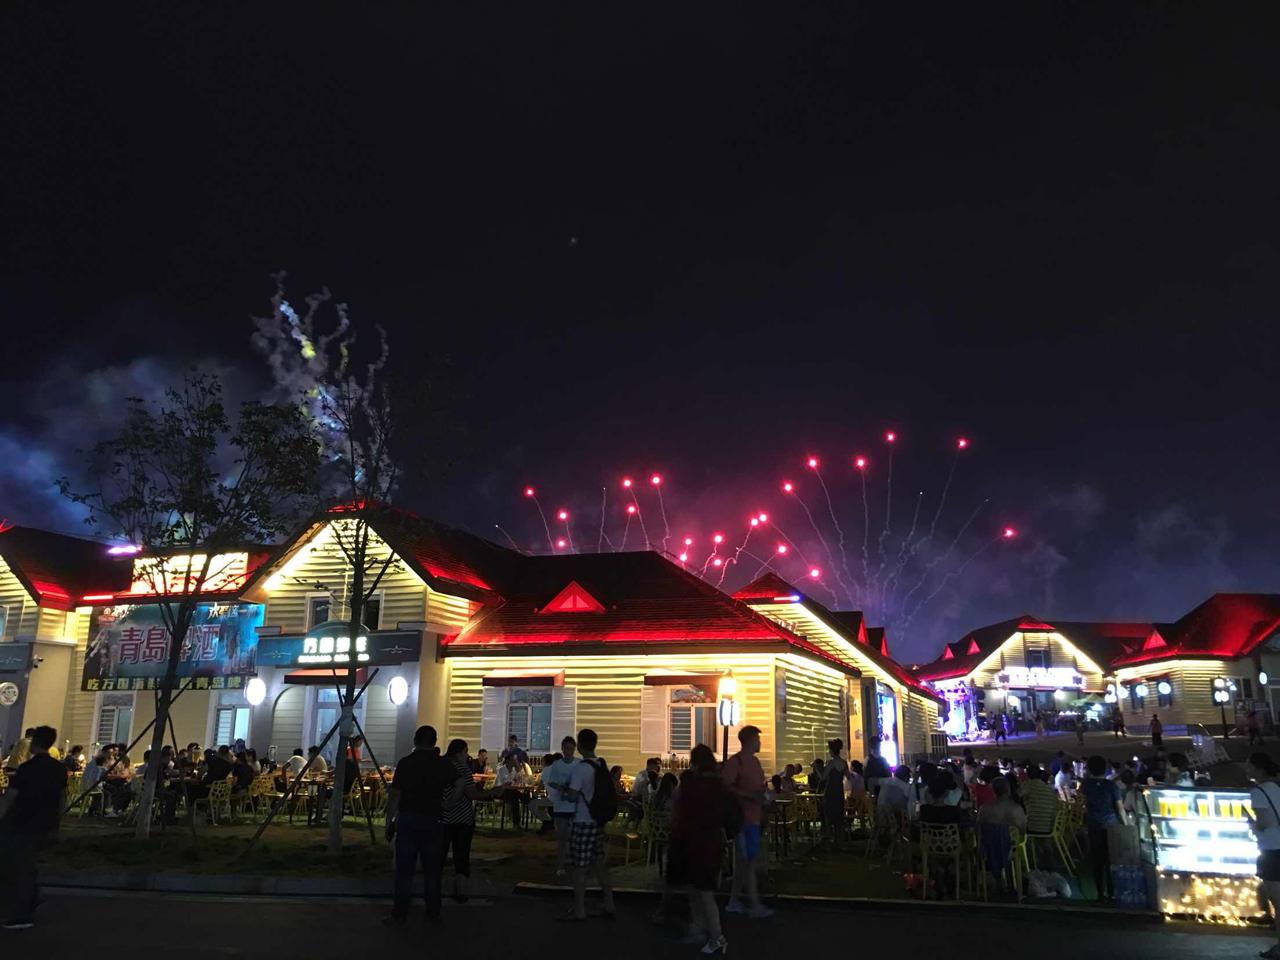 青岛金沙滩西海岸啤酒节   青岛国际啤酒节西海岸主会场夜场票